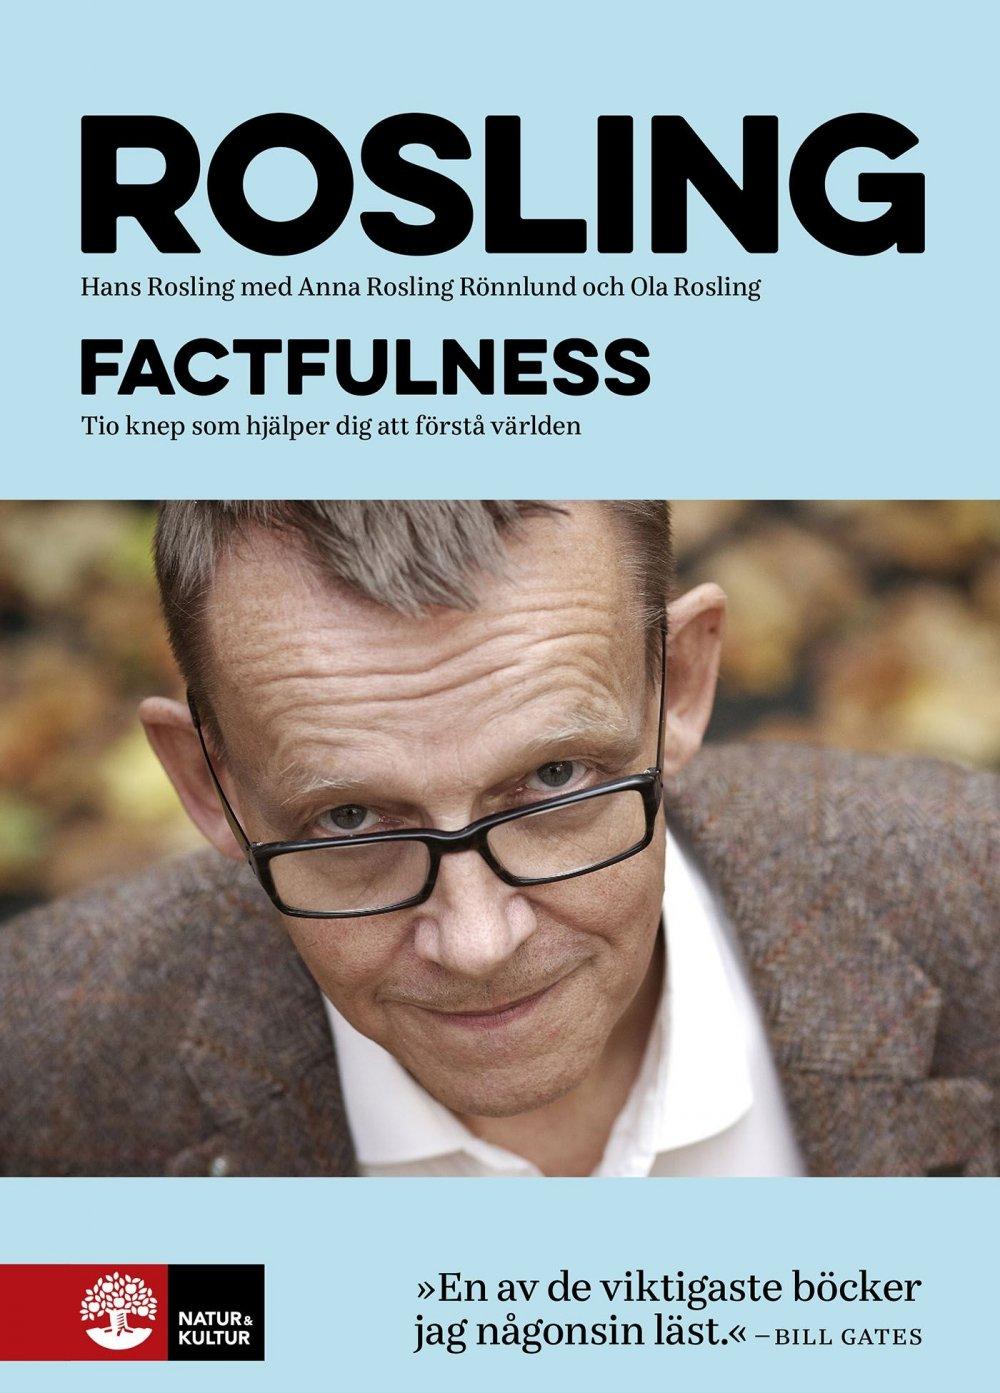 Factfulness av Hans Rosling boktips